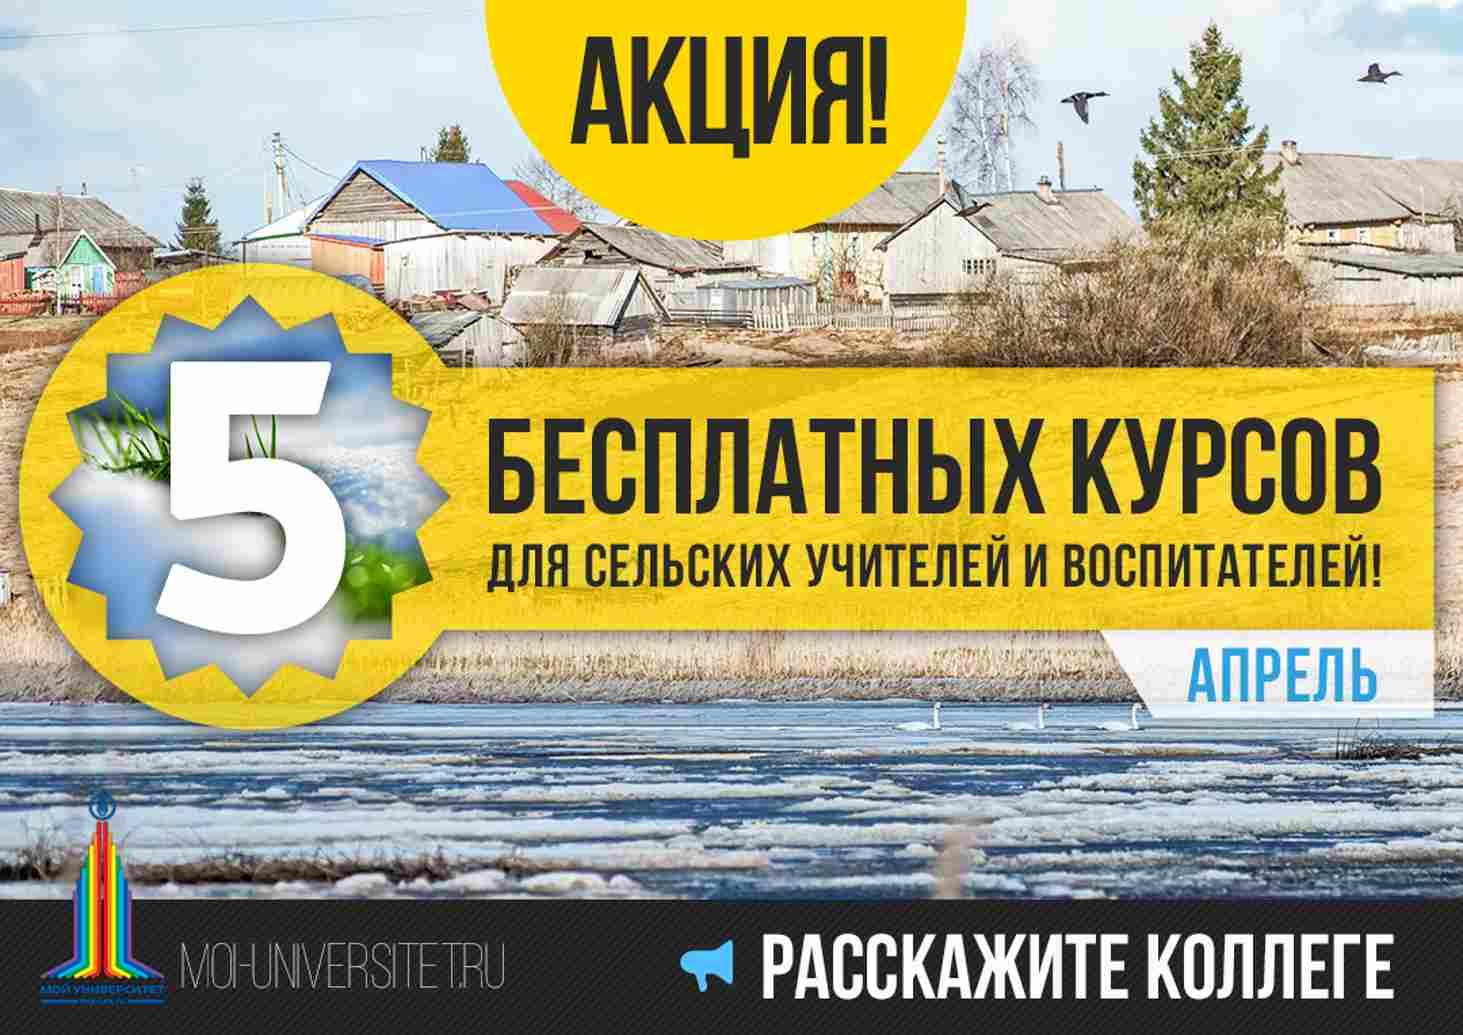 moj-universitet-vnov-provodit-blagotvoritelnuyu-aktsiyu-dlya-selskih-uchitelej